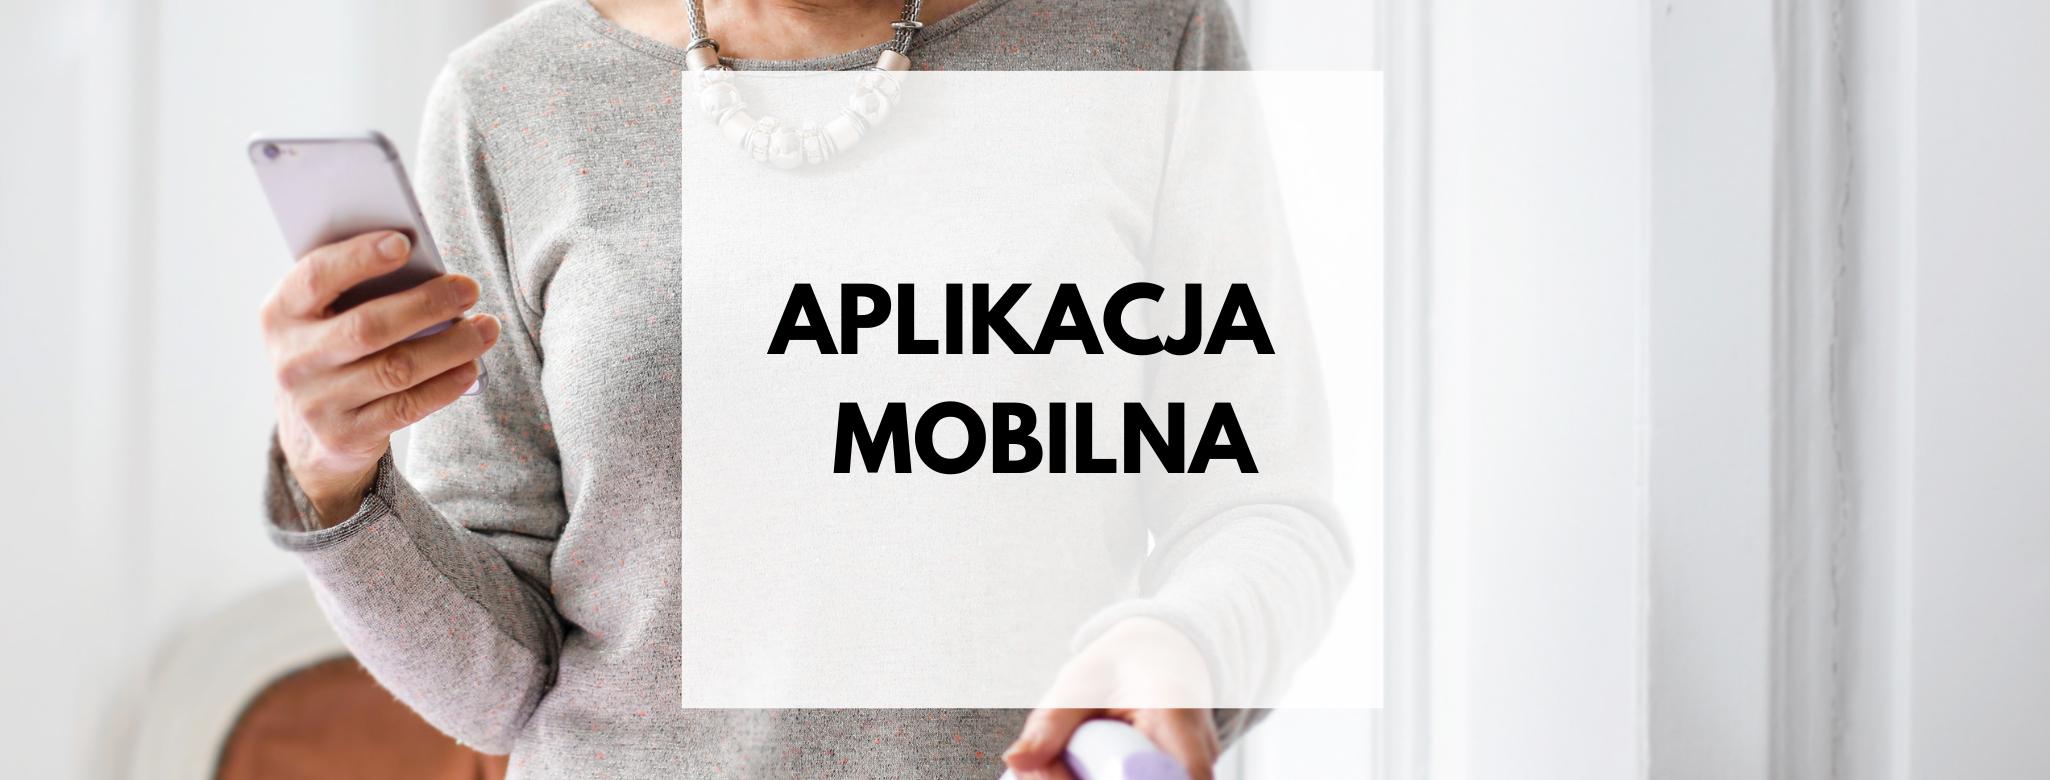 nagłówek graficzny o treści: aplikacja mobilna. Grafika w tle: kobieta w sweterku i naszyjniku trzymająca w dłoni smartfon.